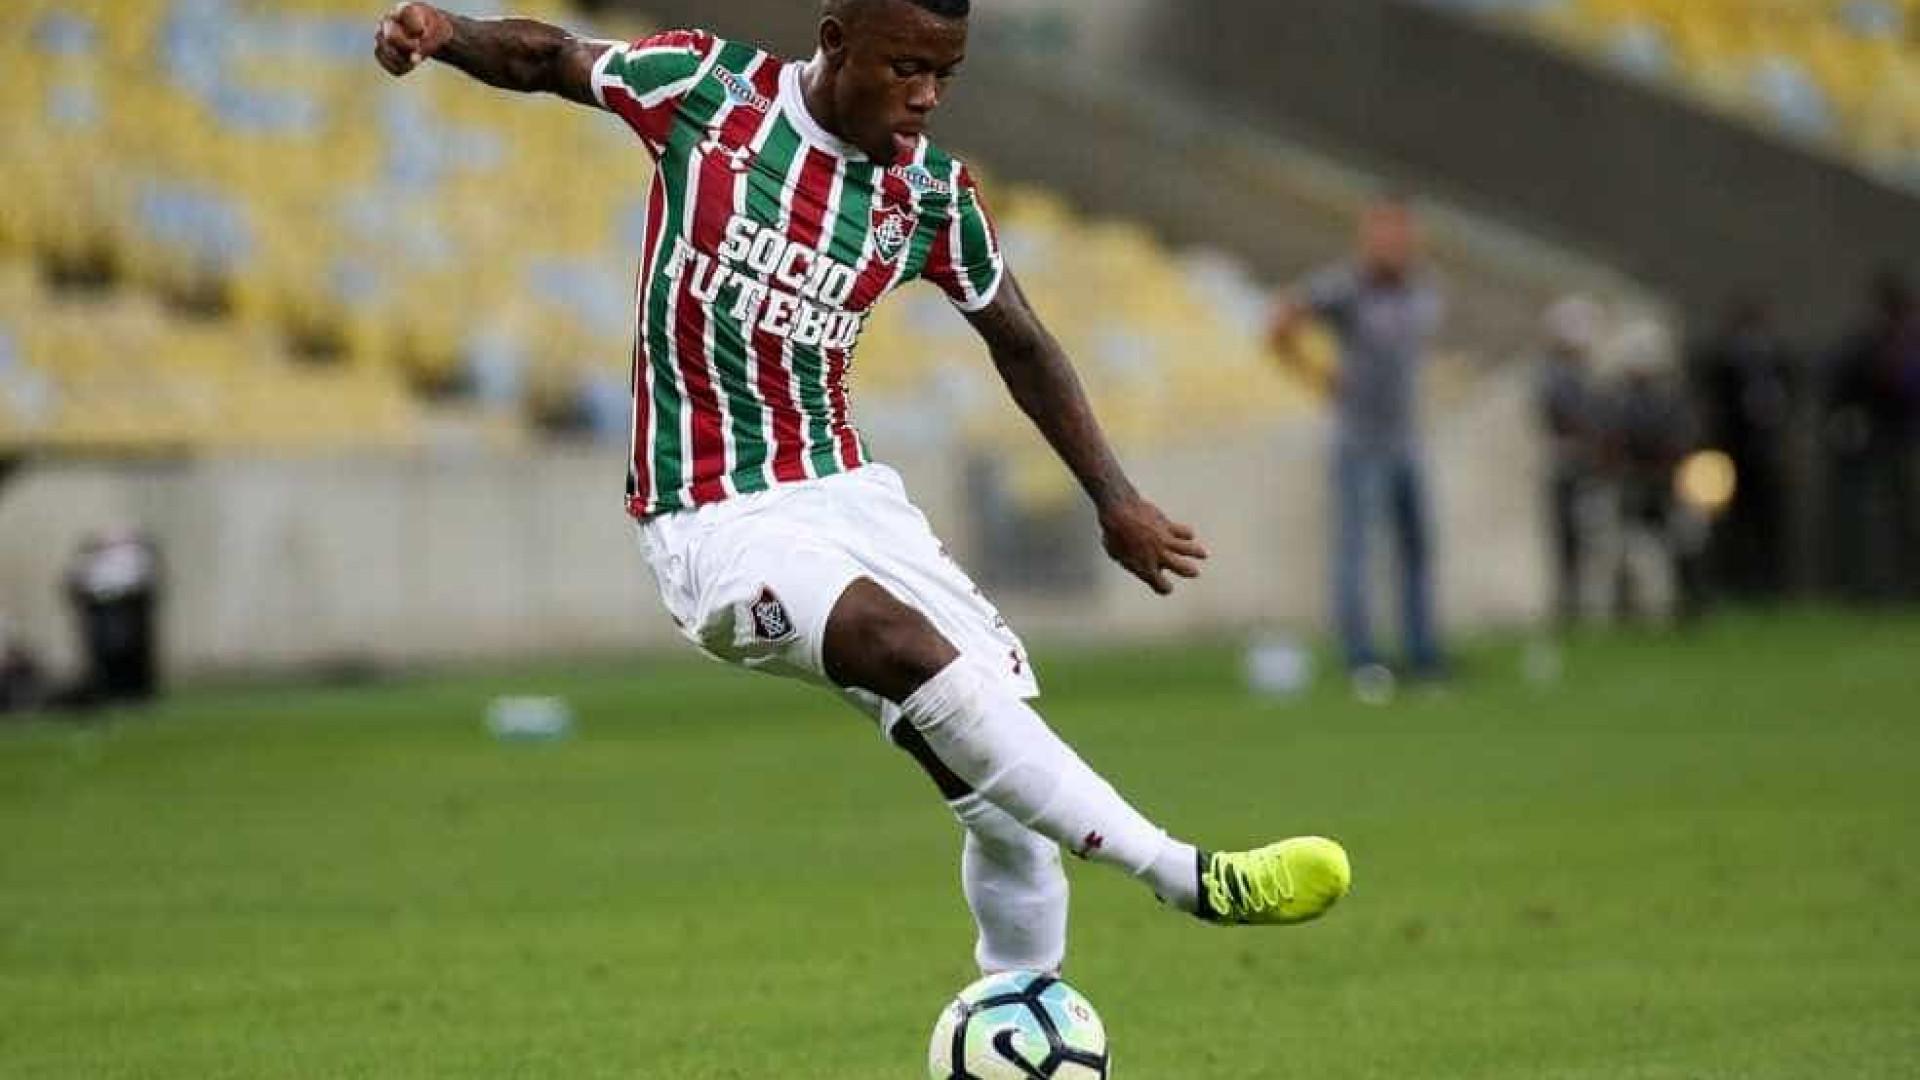 Torcedores do Flamengo agridem e chutam joelho operado de atacante do Fluminense